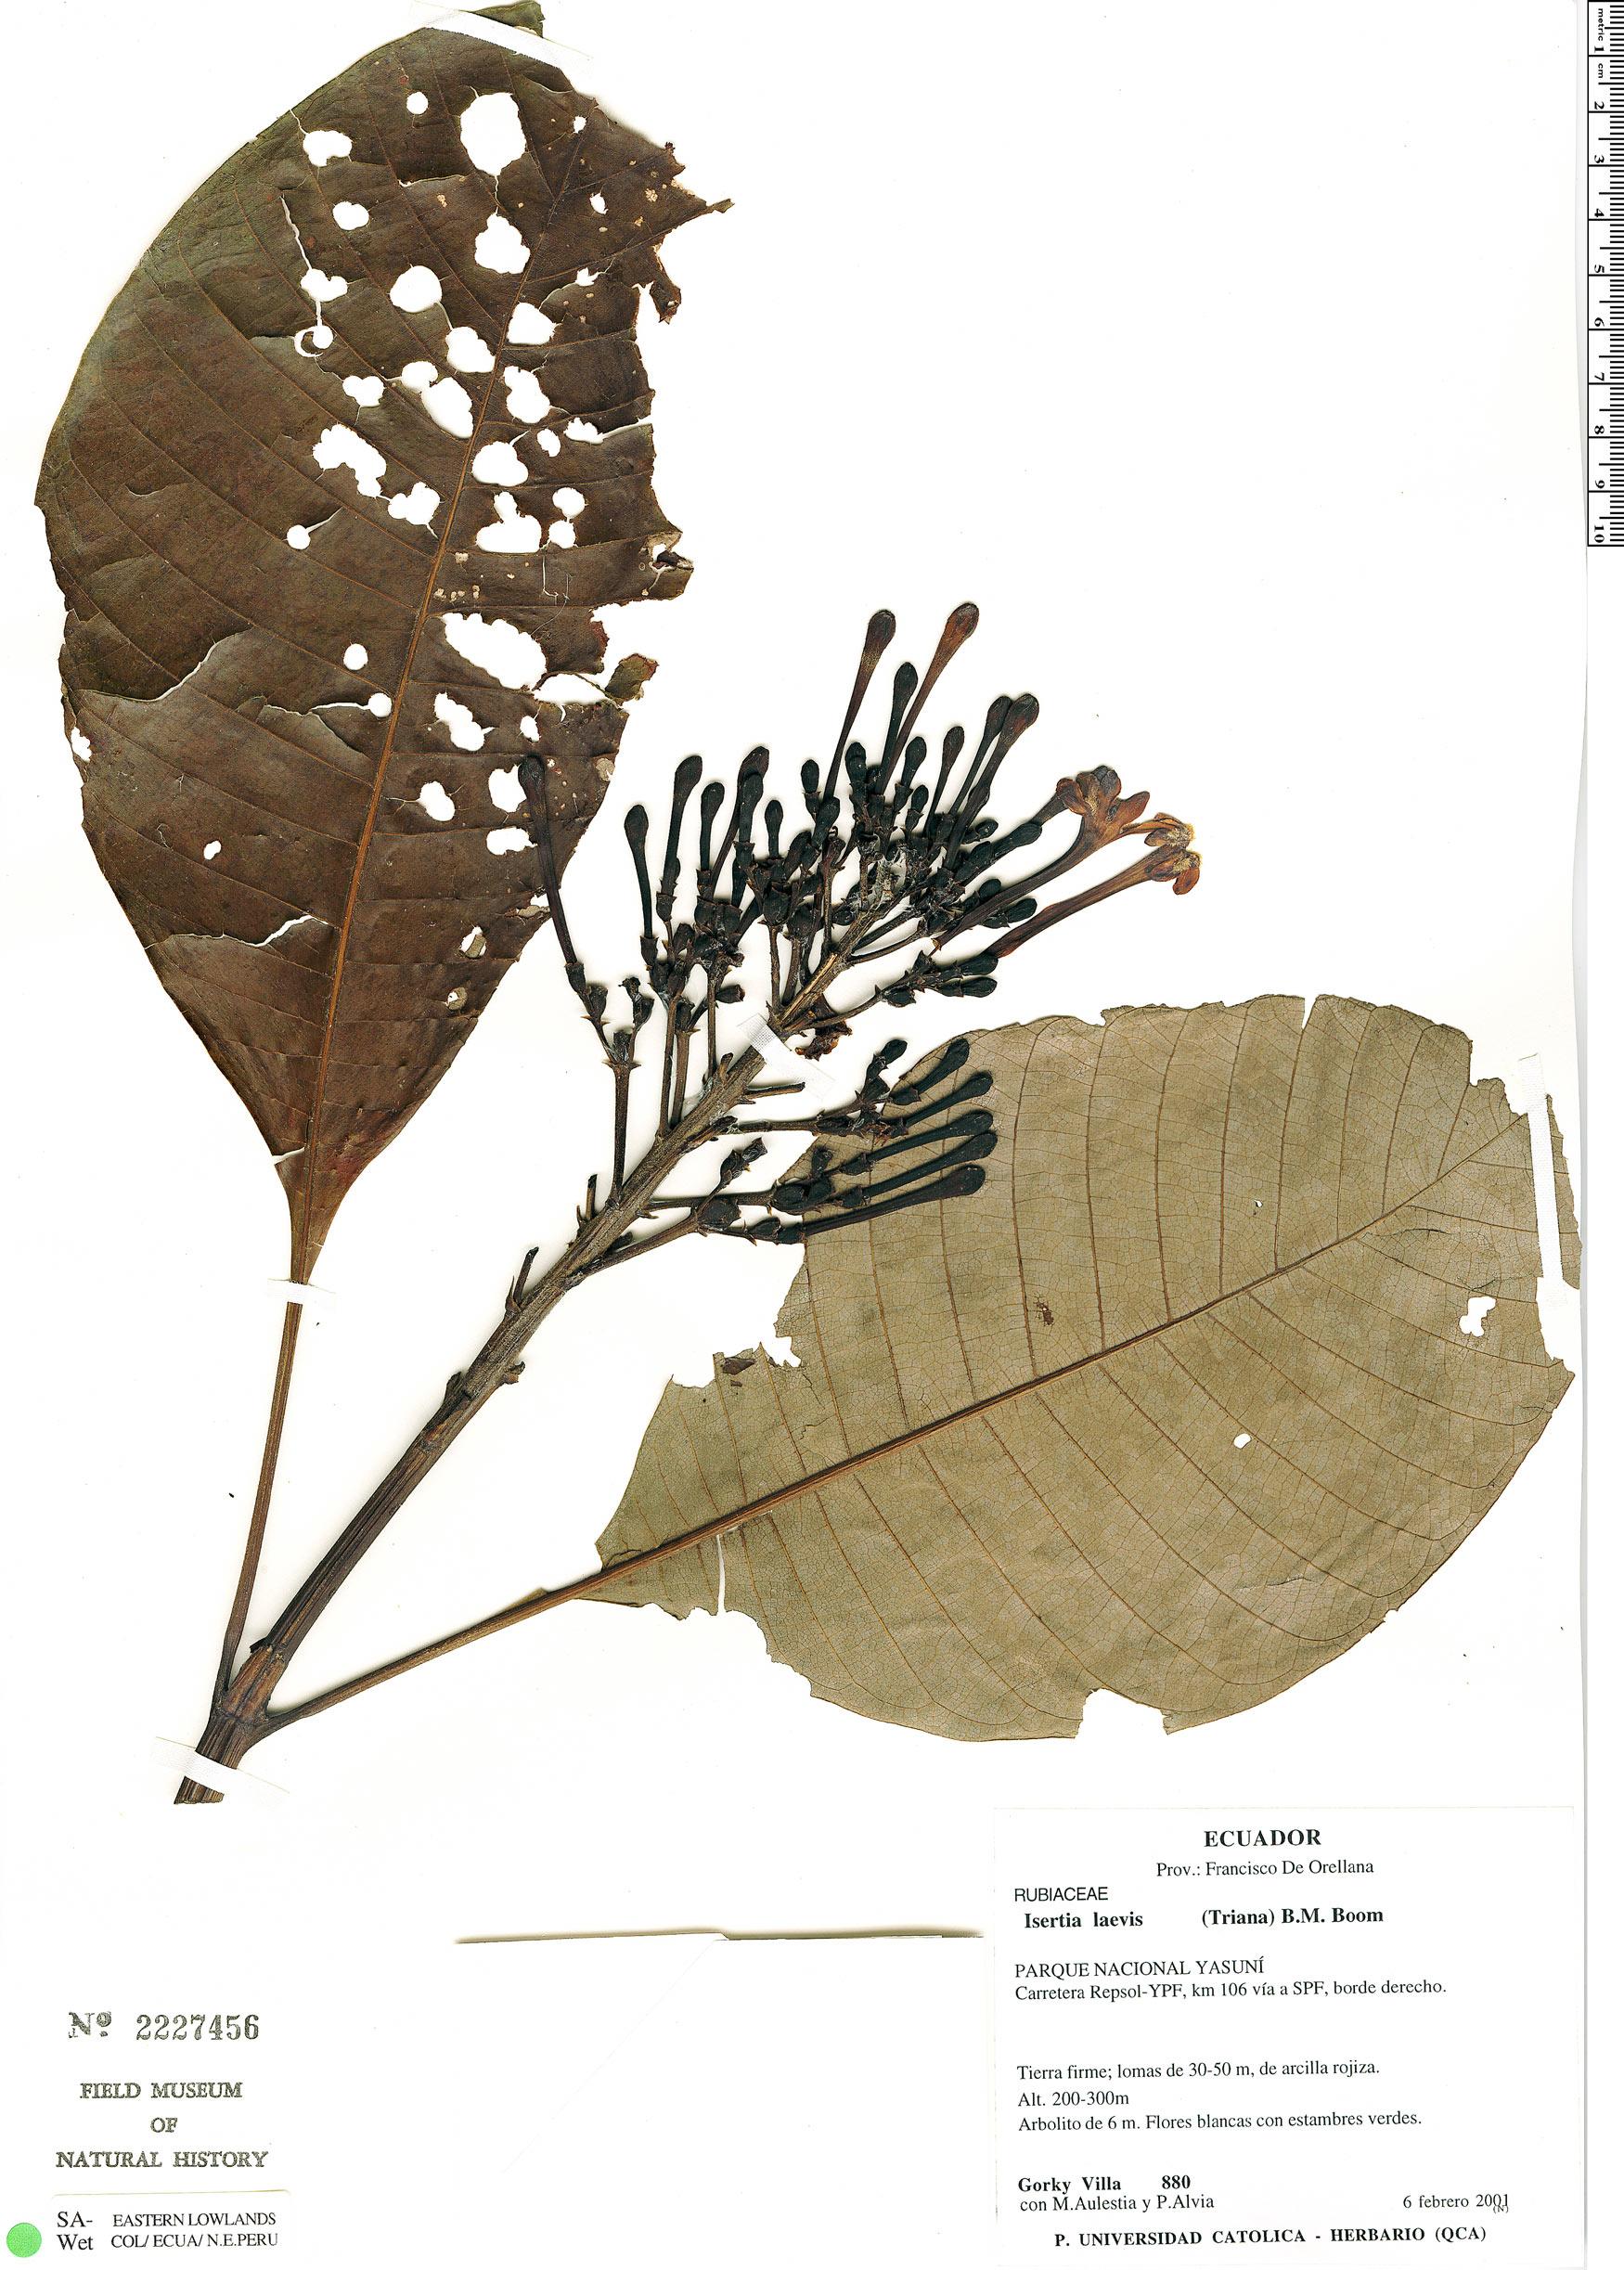 Specimen: Isertia laevis